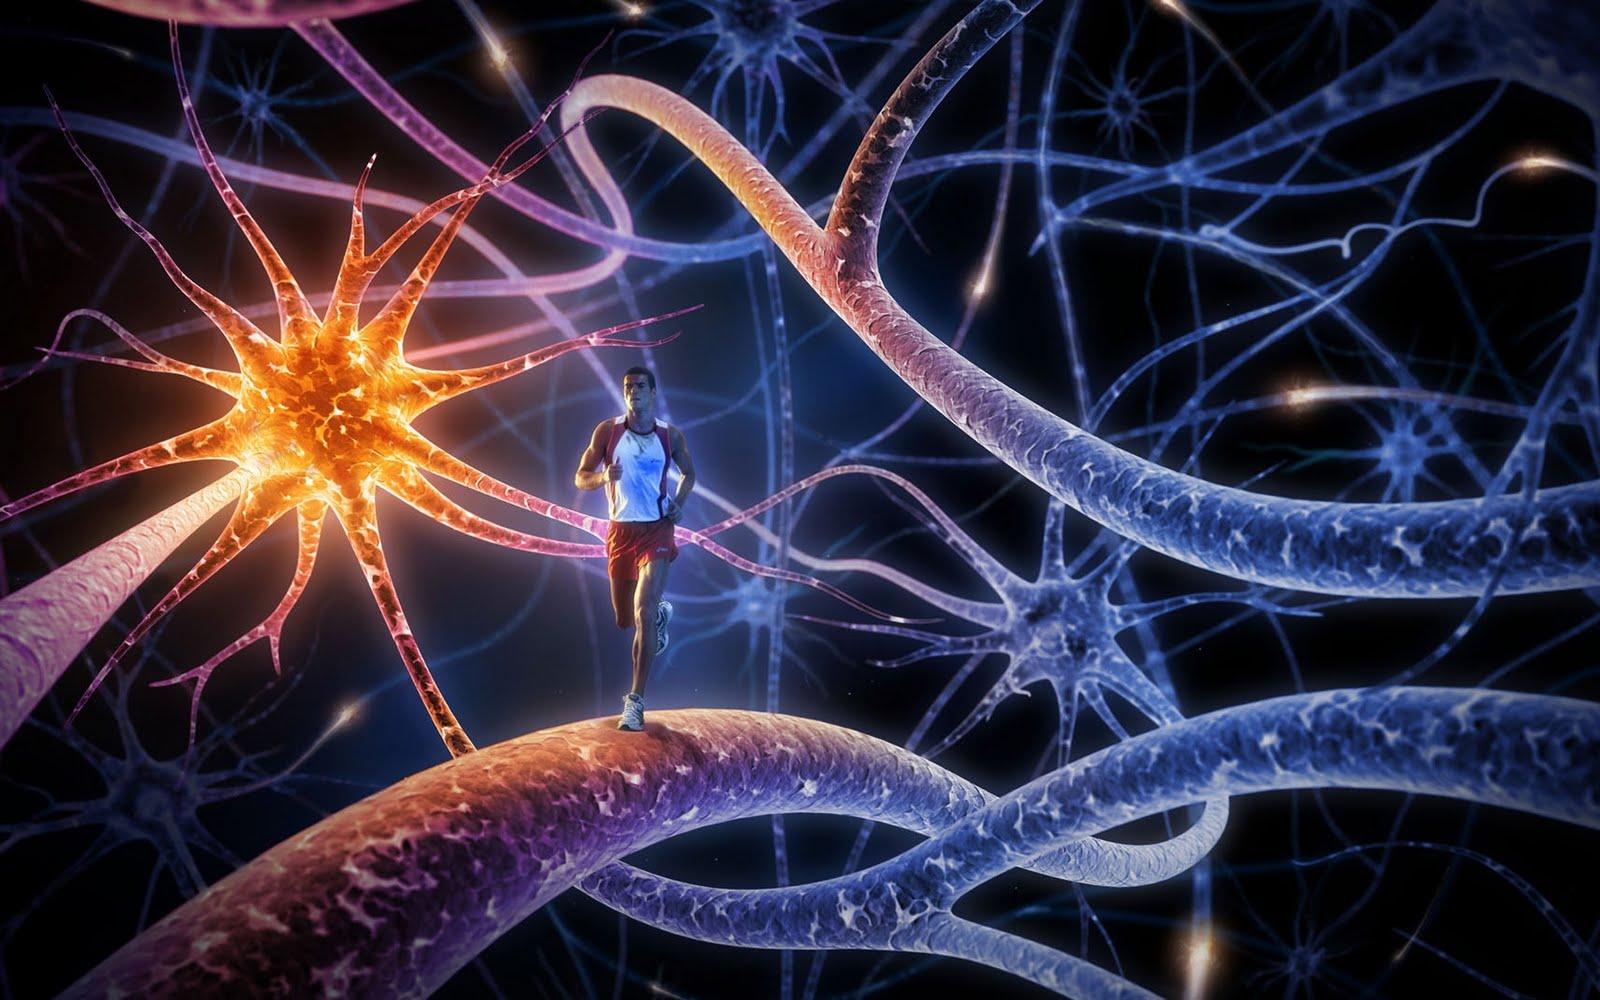 Entrenate con Fitness mental